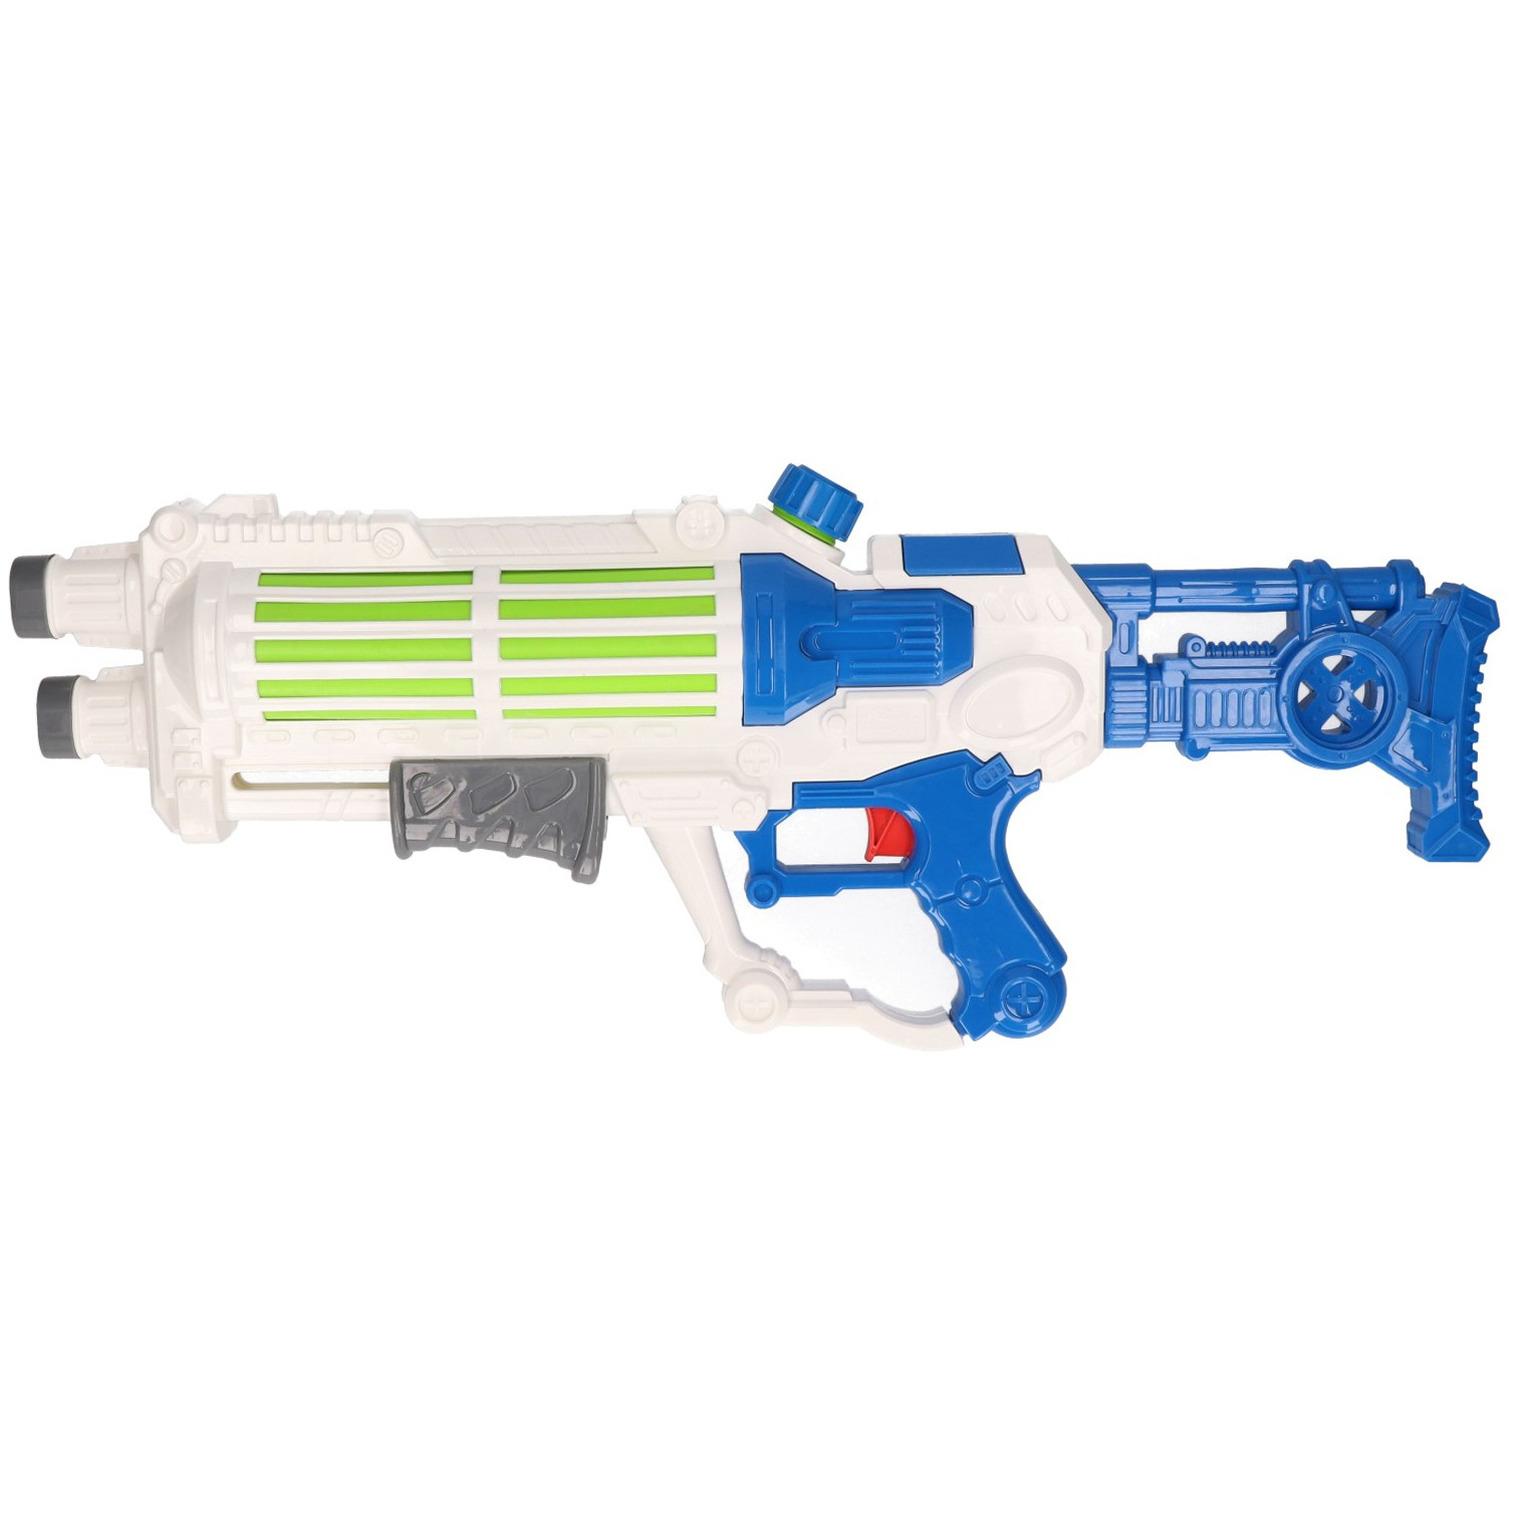 Watergeweer met pomp 58 cm